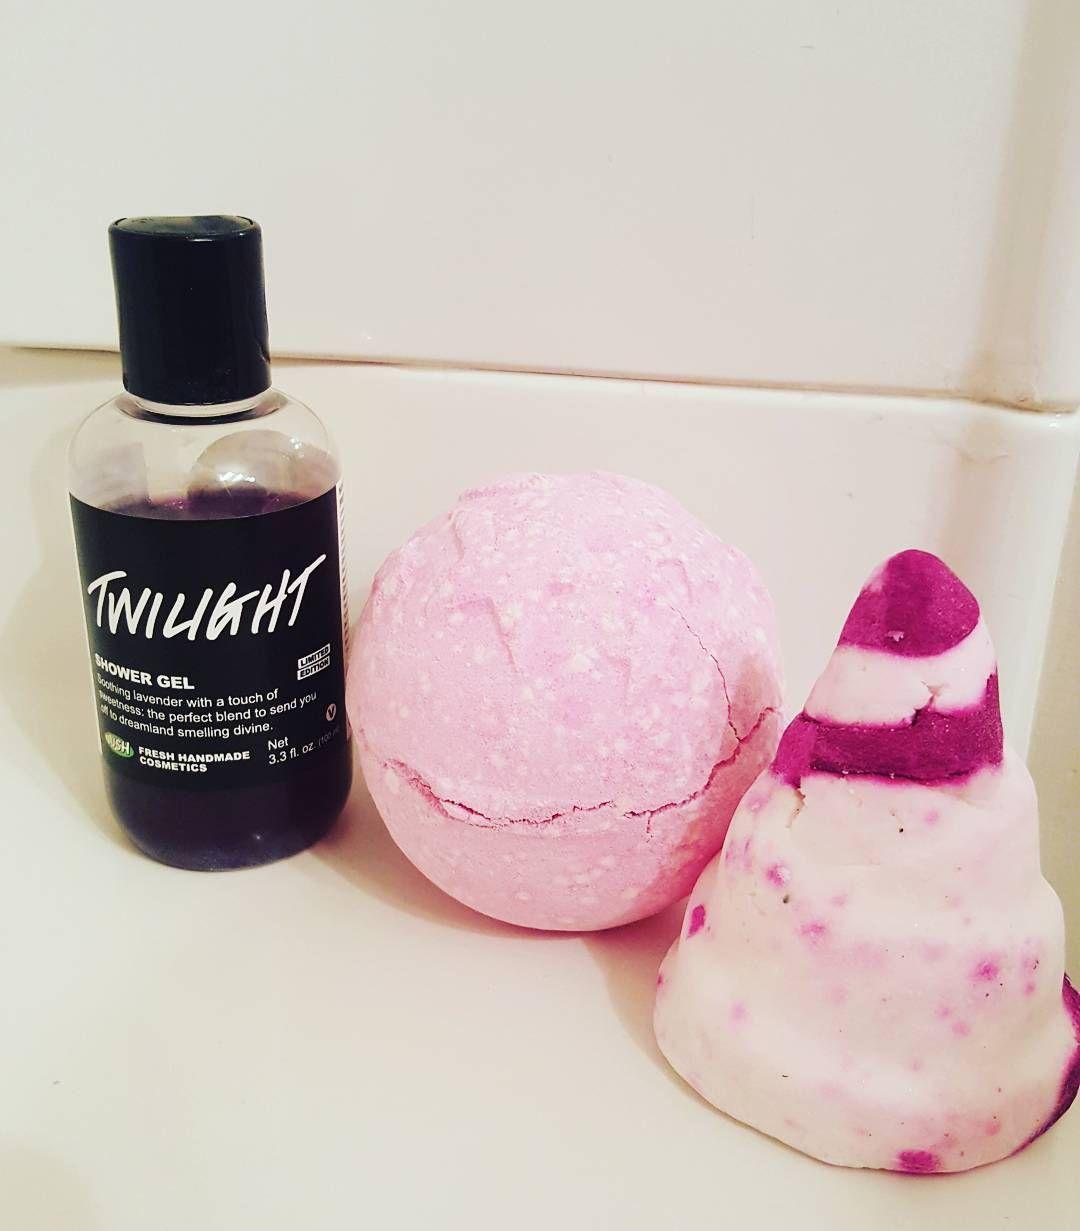 Does anyone else take 'repeat' baths a lot? Gotta stick with the favorites sometimes... #lush #lushcosmetics #lushjunkie #lushaddict #lushie #lushlife #bubblebath #bathbomb #bubblebar #inlove #needrelaxation #needwarmth #twilight #frenchkiss by livingalushlife01